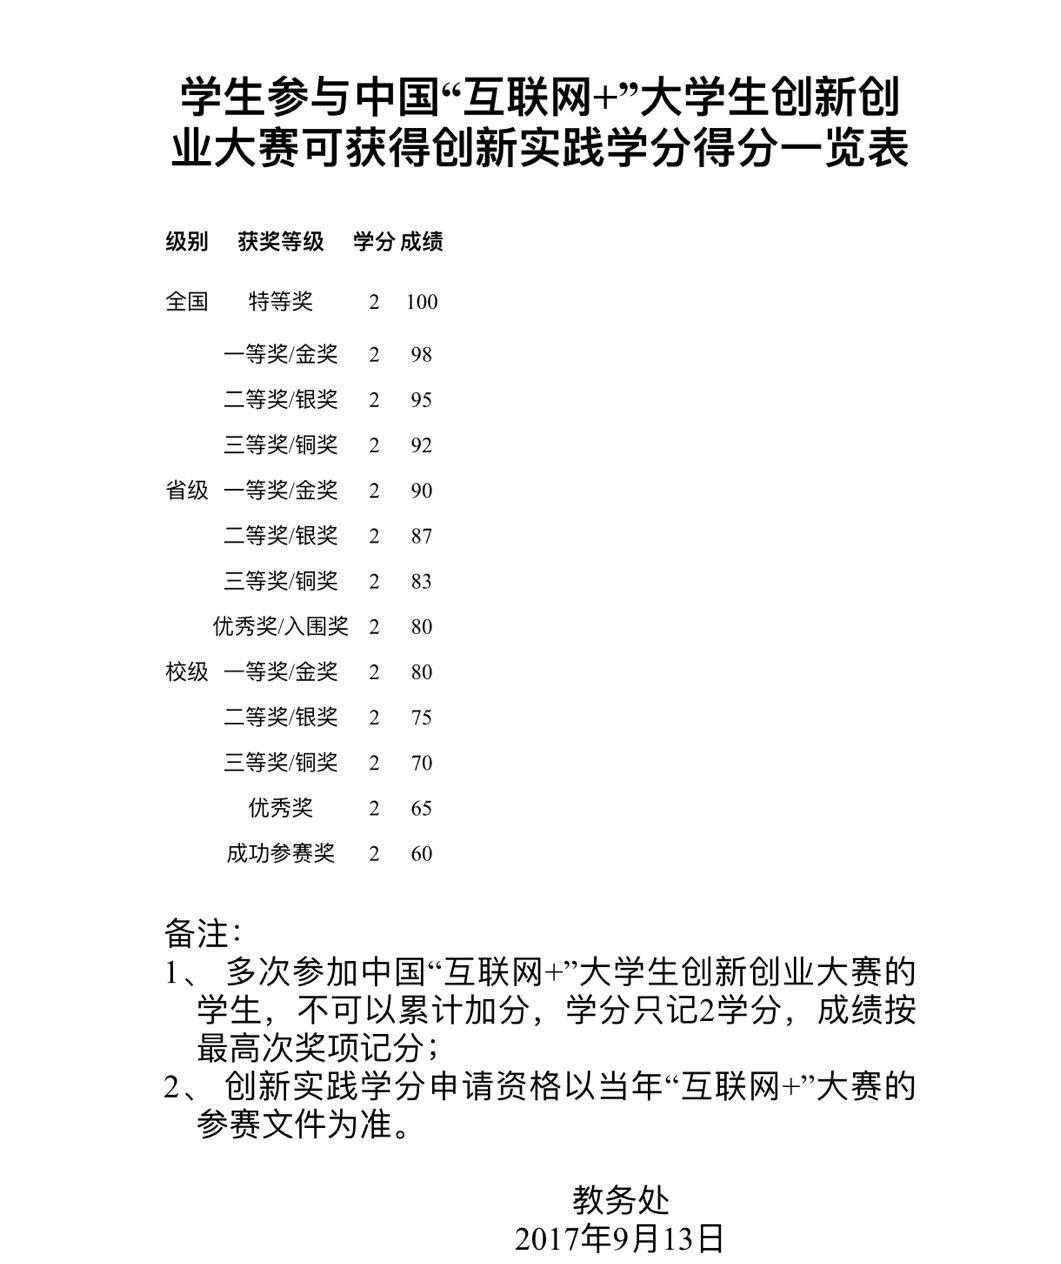 学生参与中国互联网+大学生创新创业大赛可获得创新实践学分得分一览表